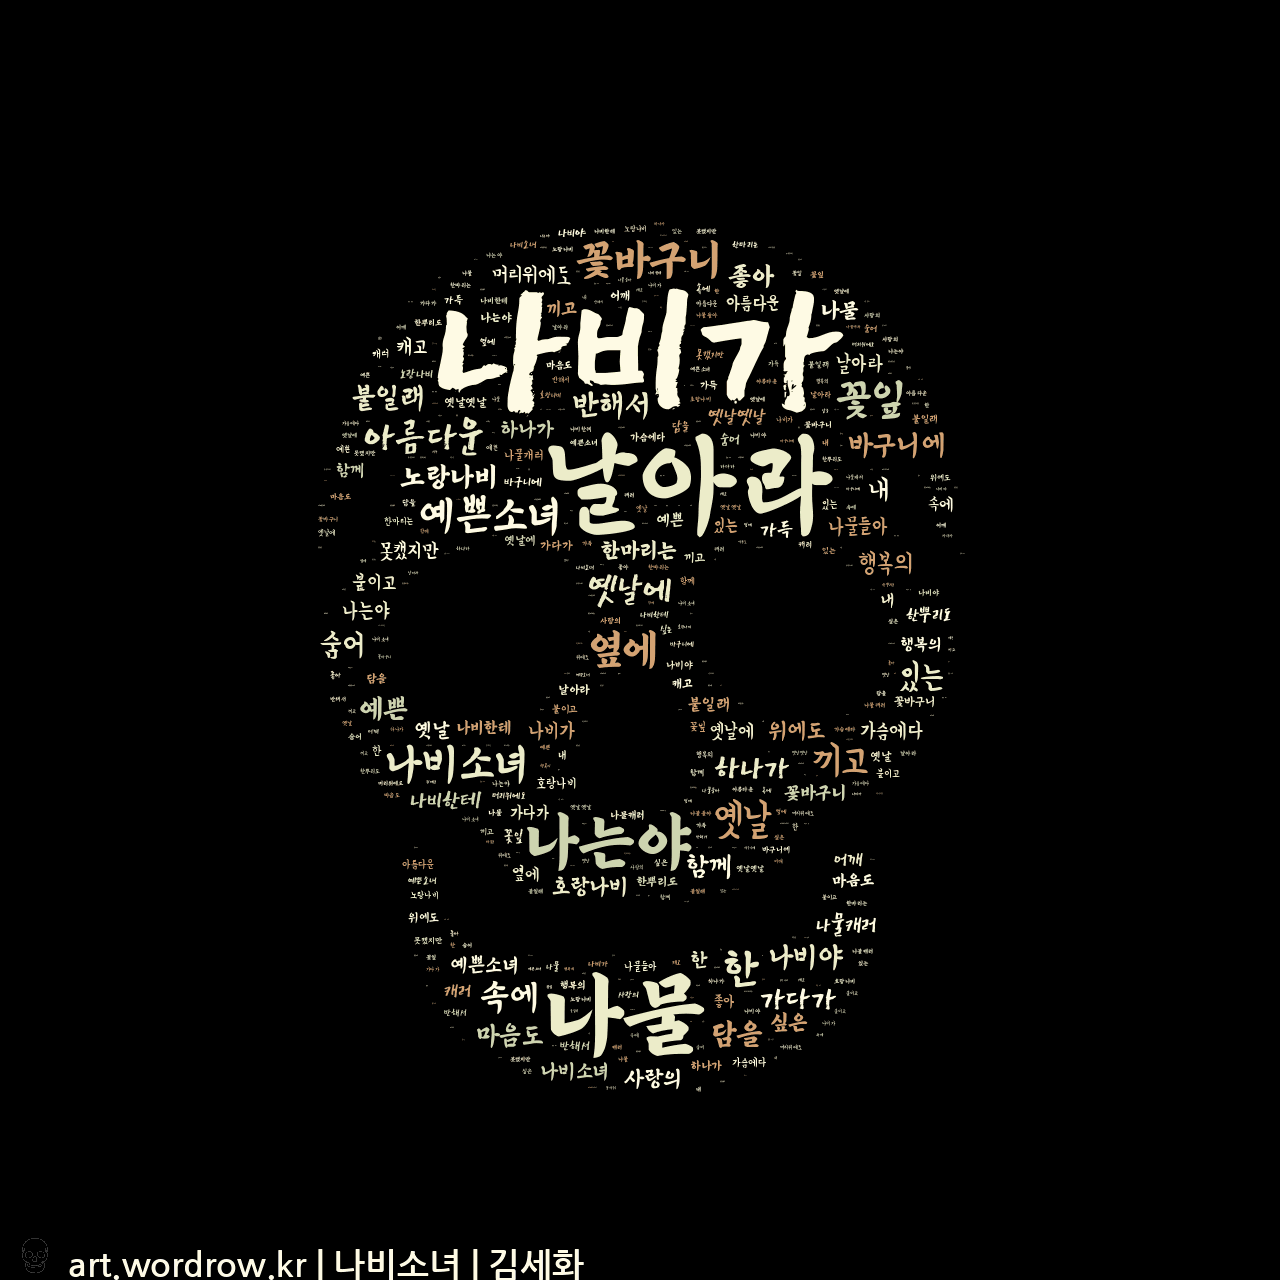 워드 클라우드: 나비소녀 [김세화]-14